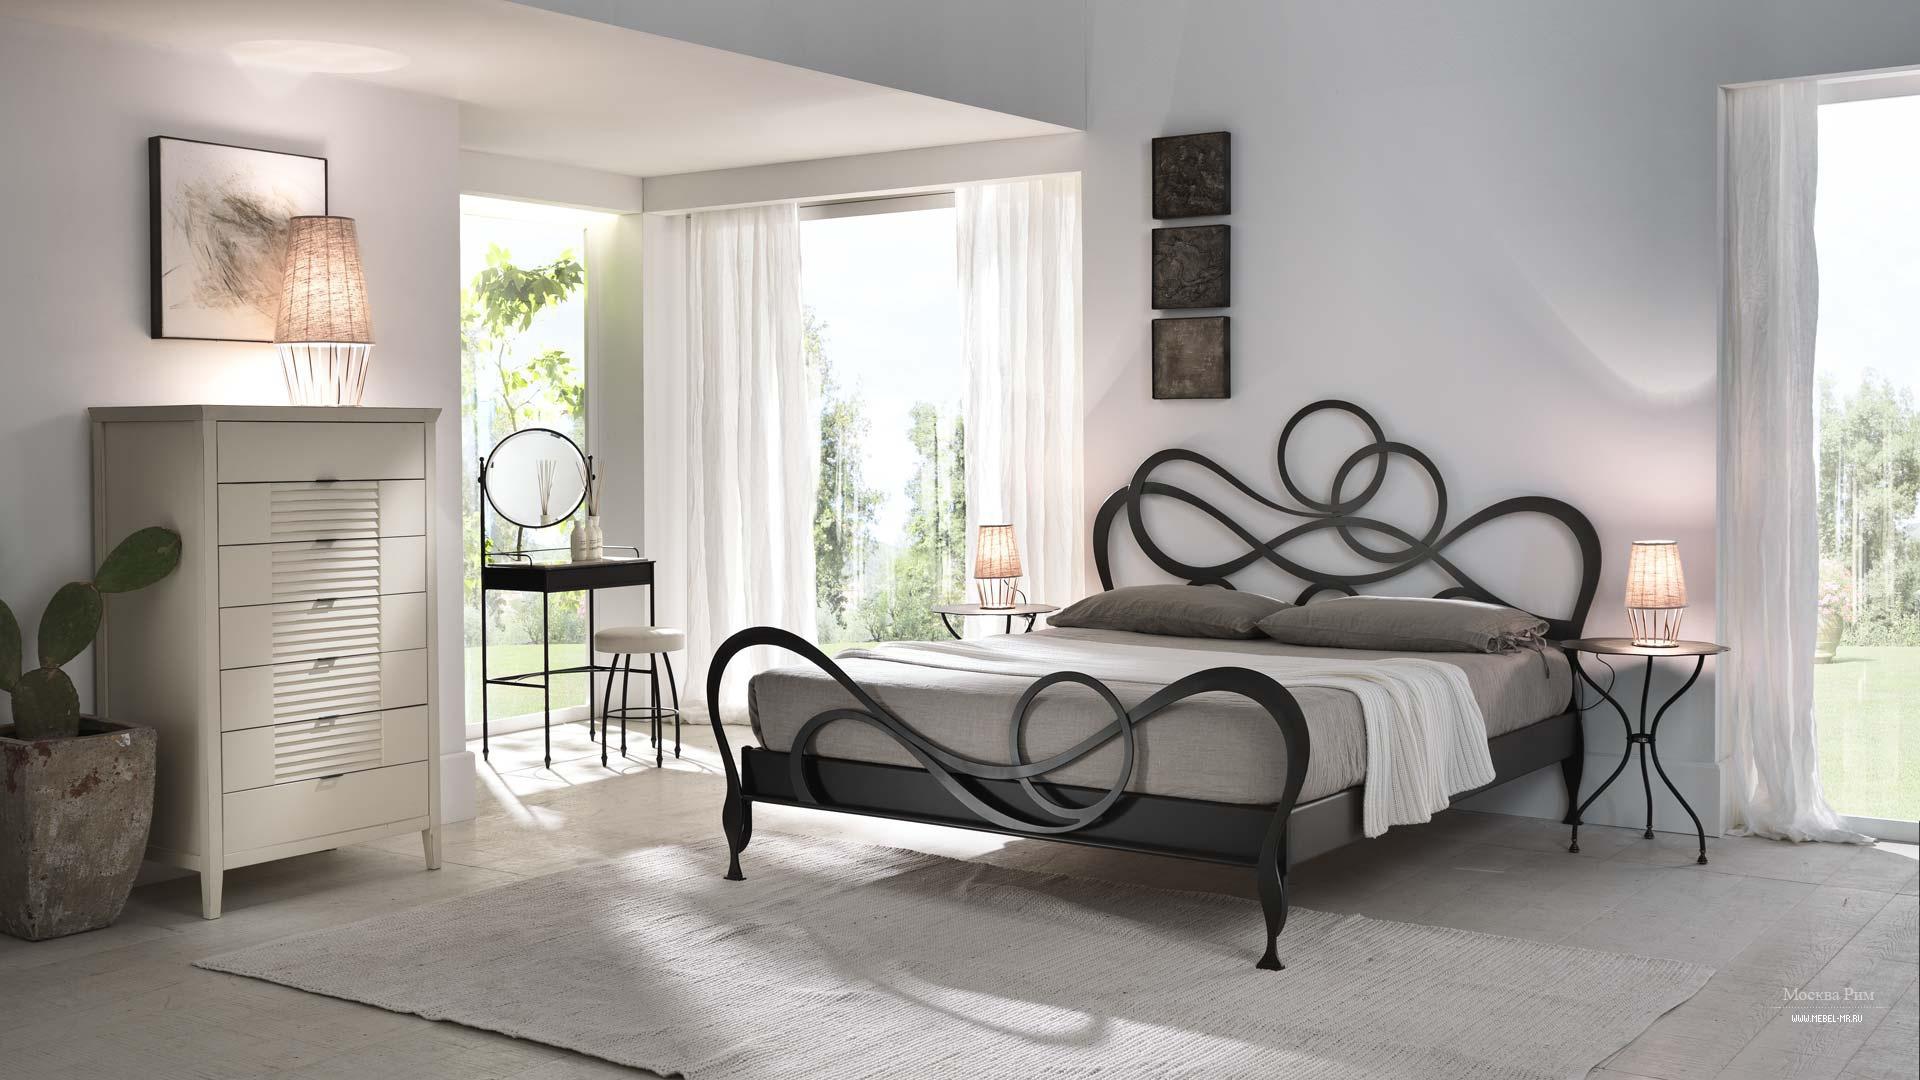 Пример интерьера спальни с кроватью на основе металла